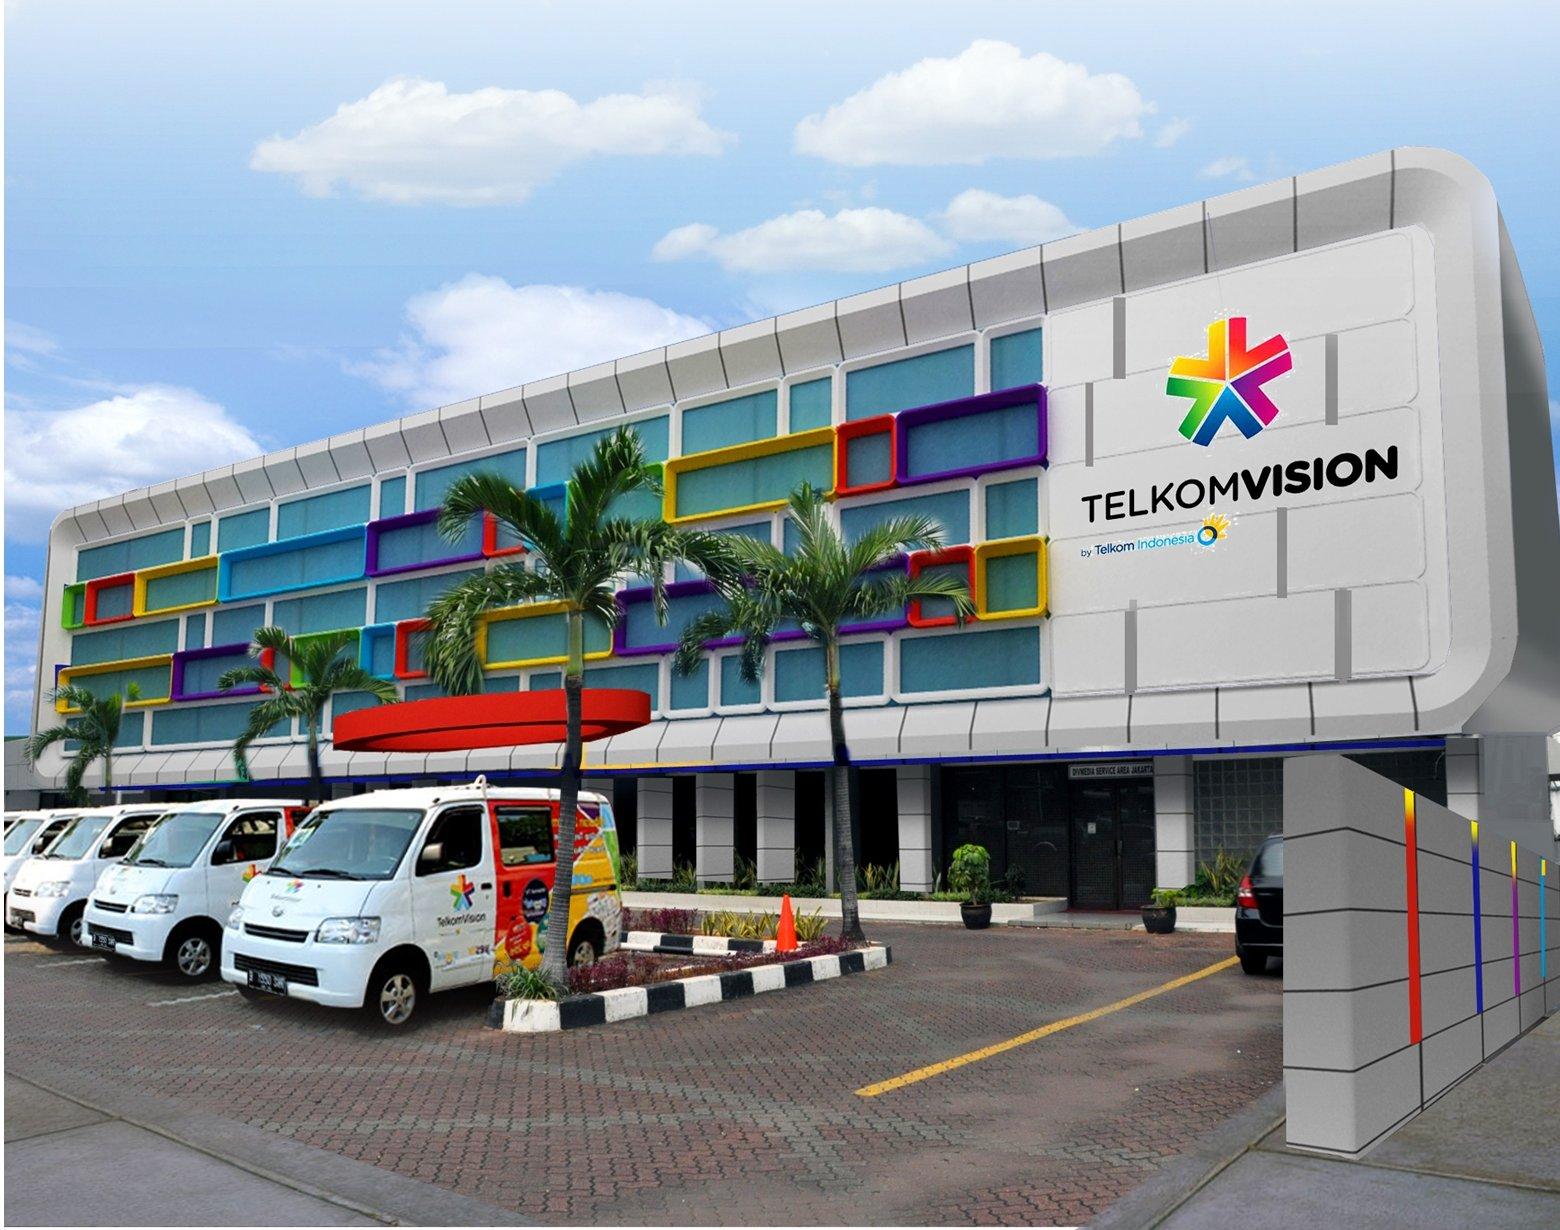 Lowongan Kerja Telkom Vision Juni 2013